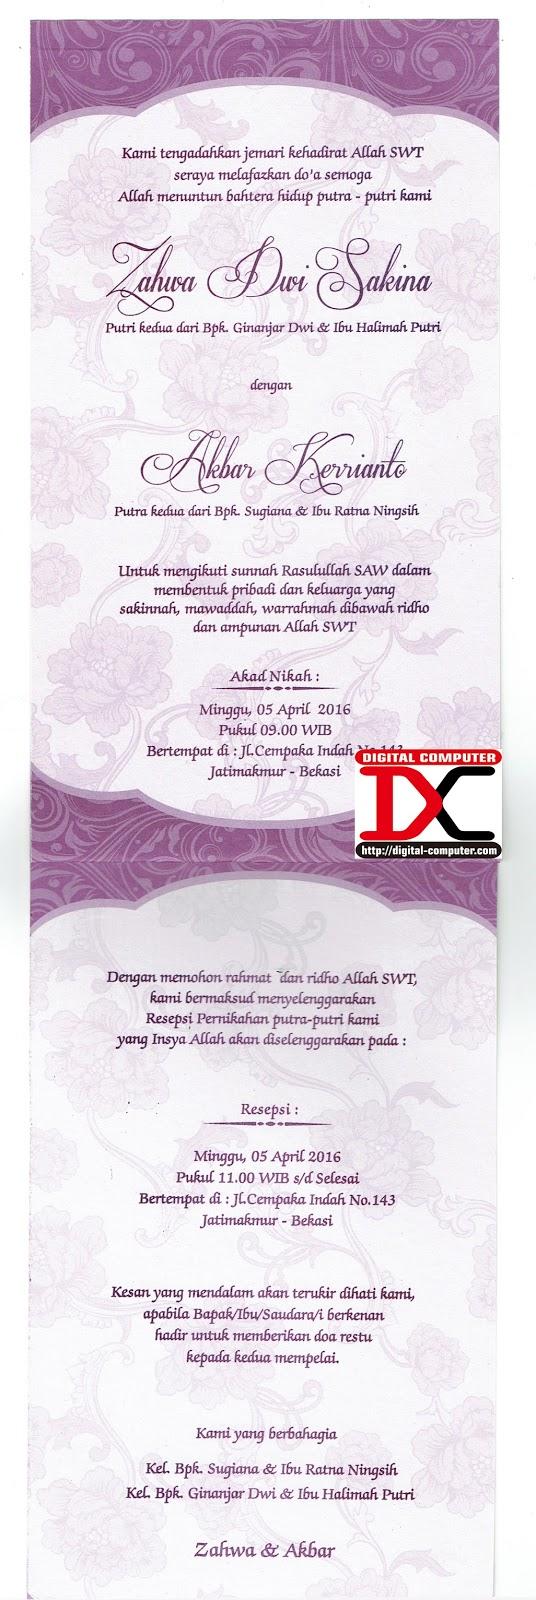 undangan pernikahan harga 2700 rupiah